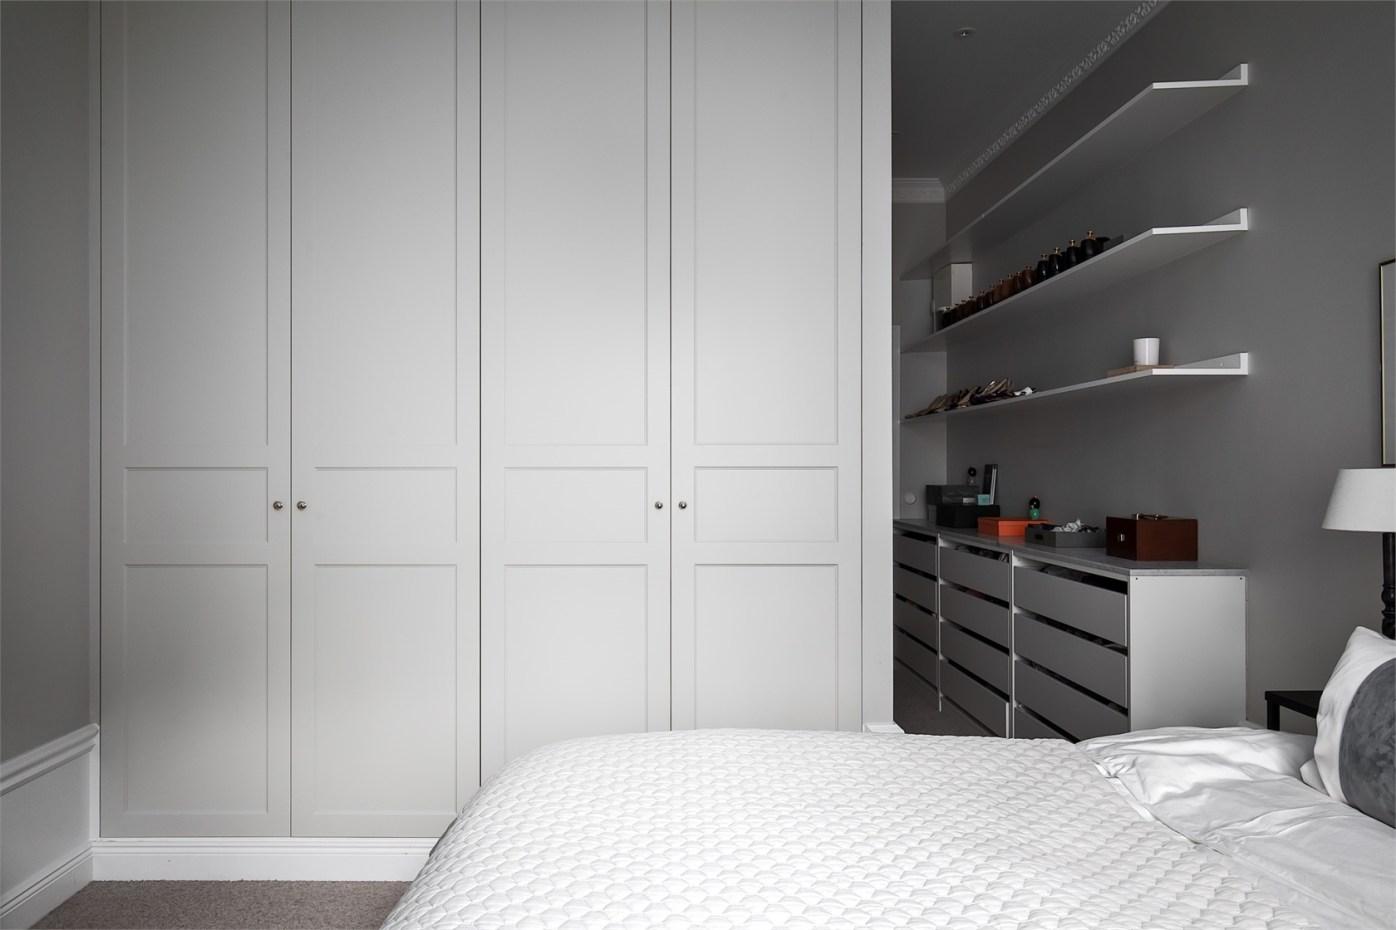 28606 bedroom grey wardrobe